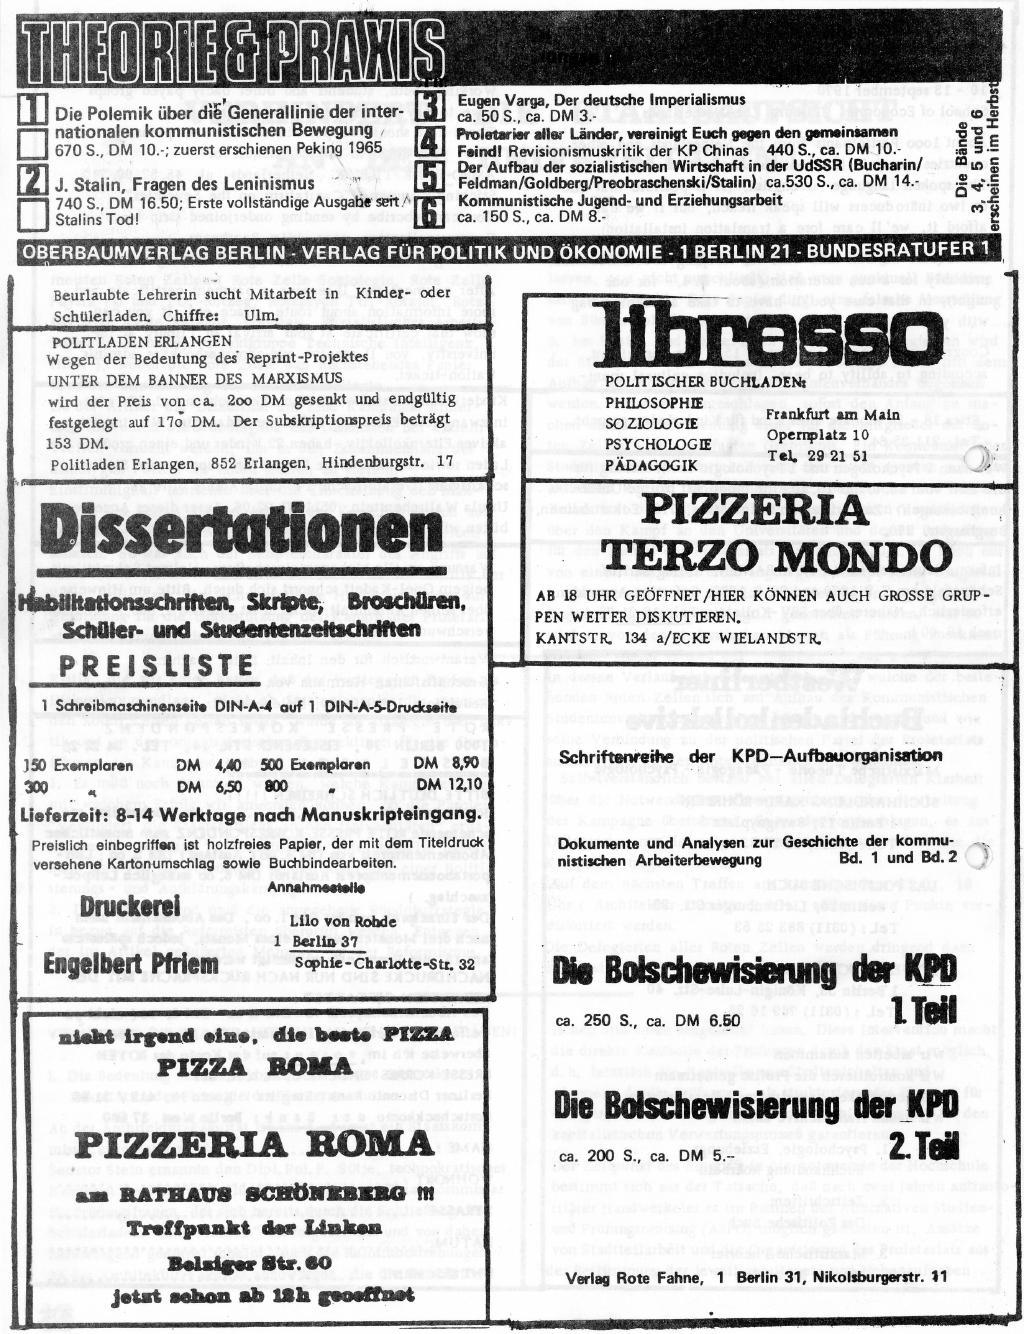 RPK_1970_078_16